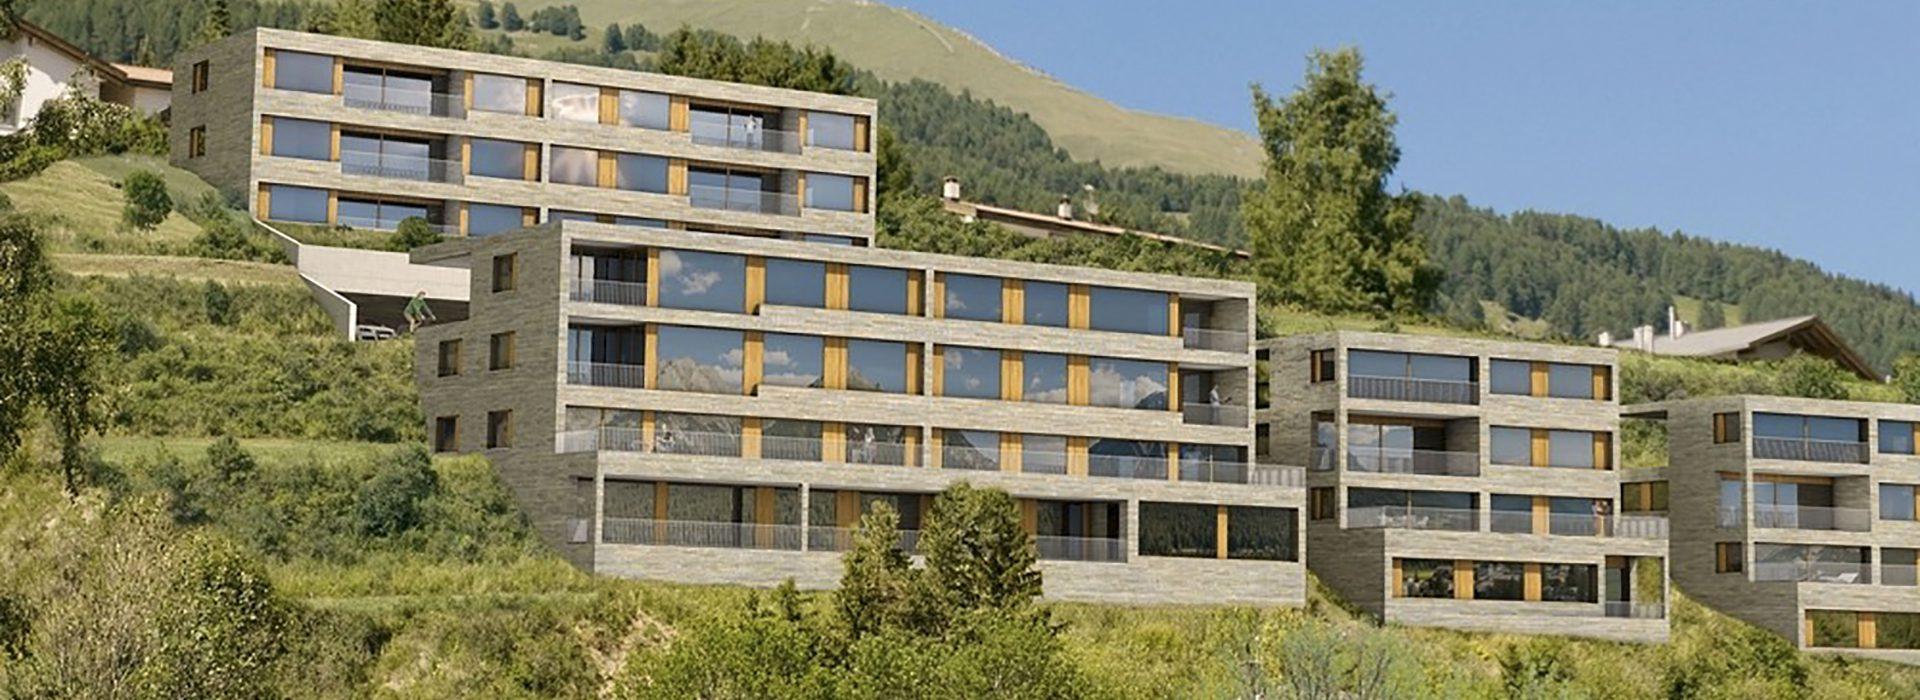 Wohnüberbauung SCHINNAS, 7550 Scuol